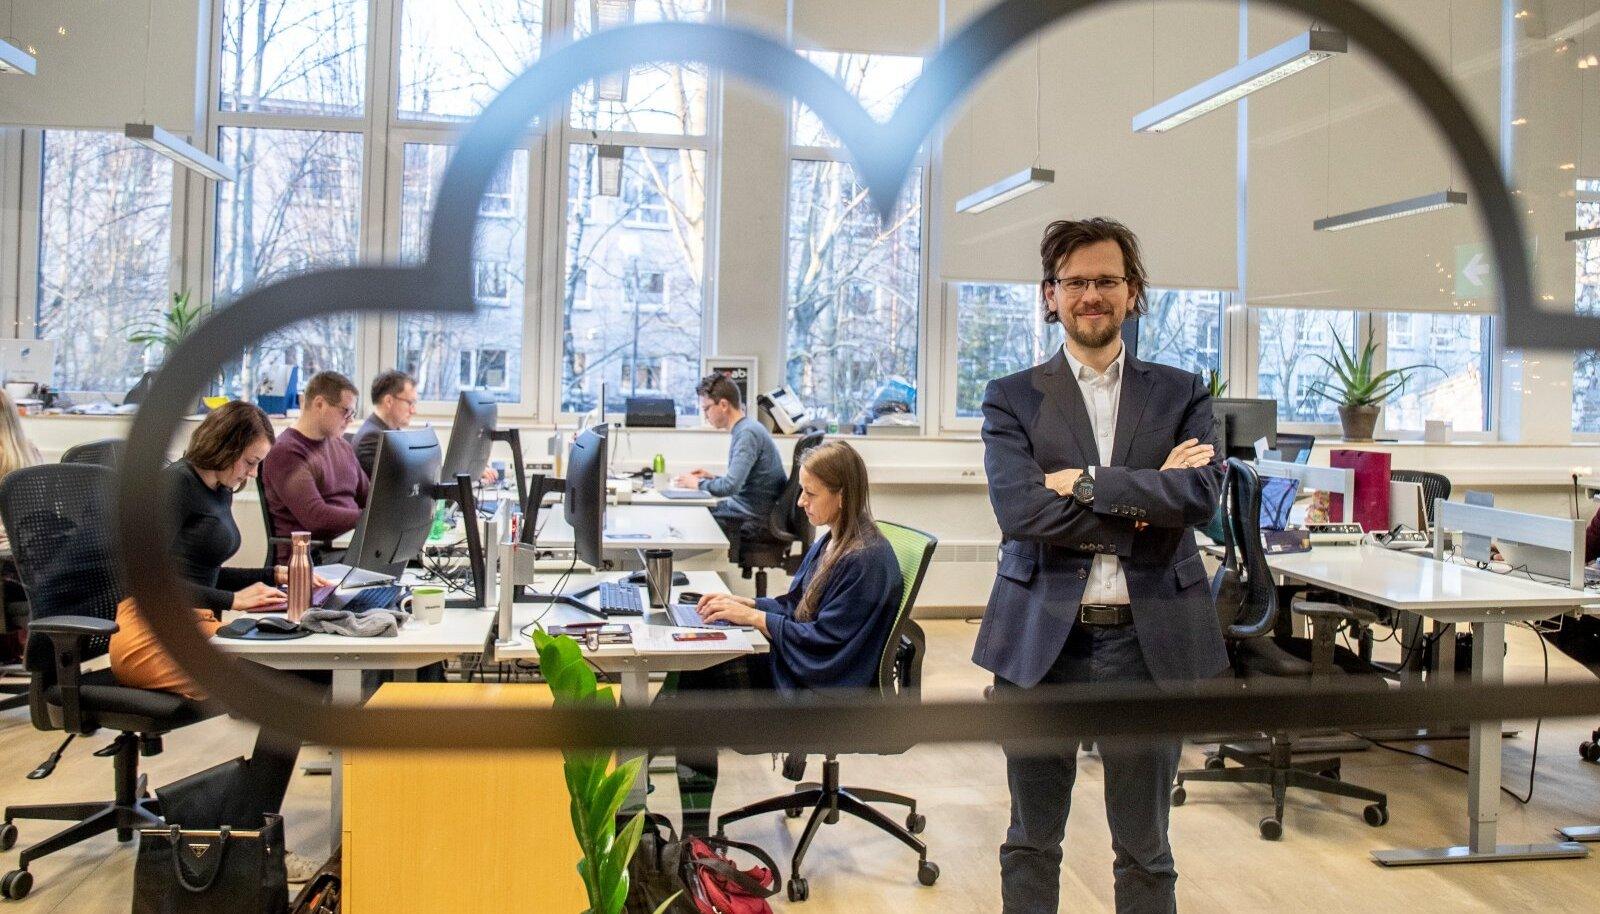 Jaanuari keskpaigas avas Eziil Tallinnas viie inimesega kontori. Tegutsetakse idufirmade koostöötamiskeskuses Lift99, kus liigub nii info kui ka ettevõtte arenguks kasulikud inimesed.